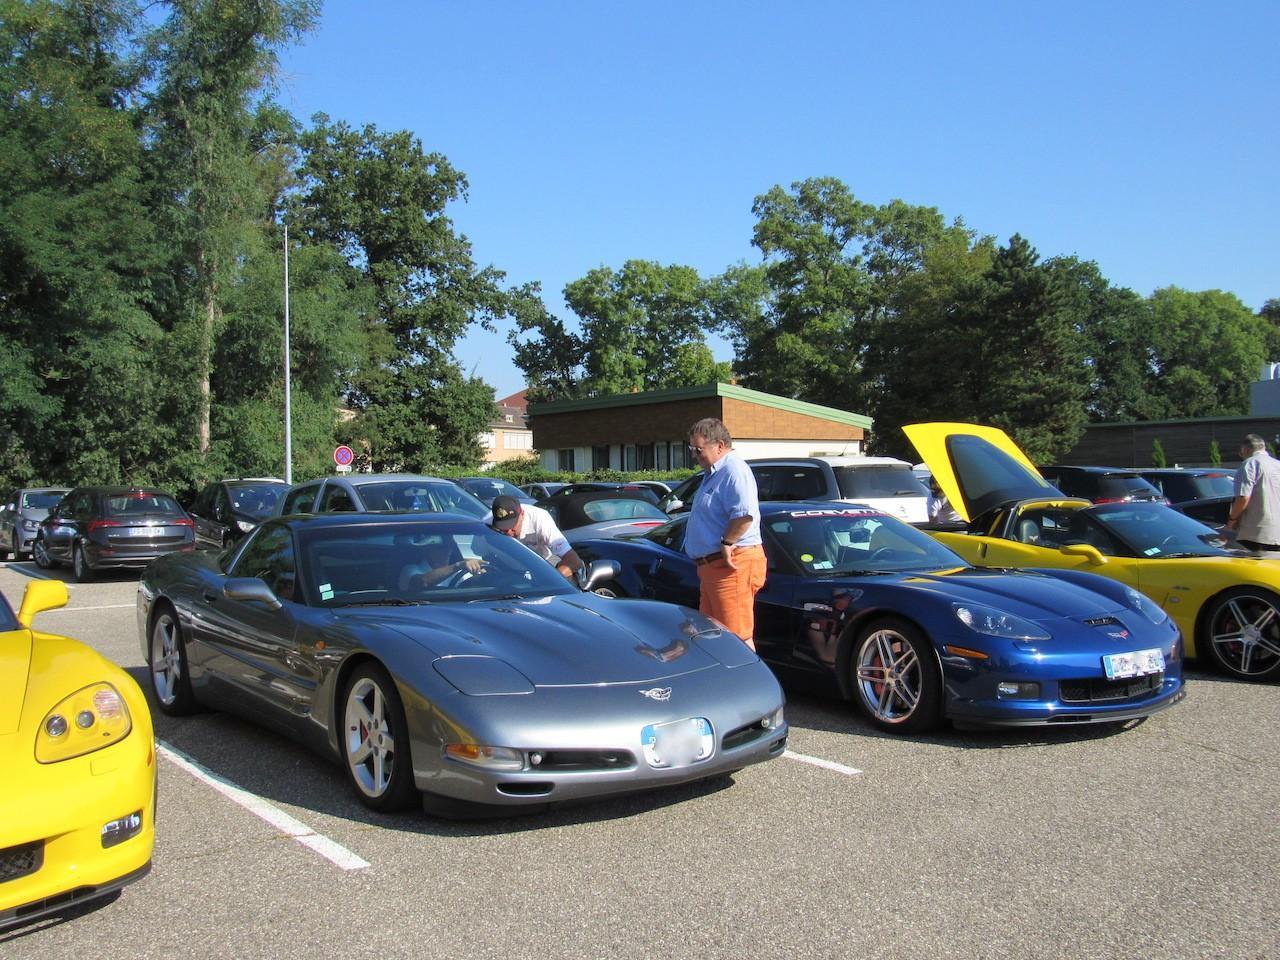 Bl corvette day 13